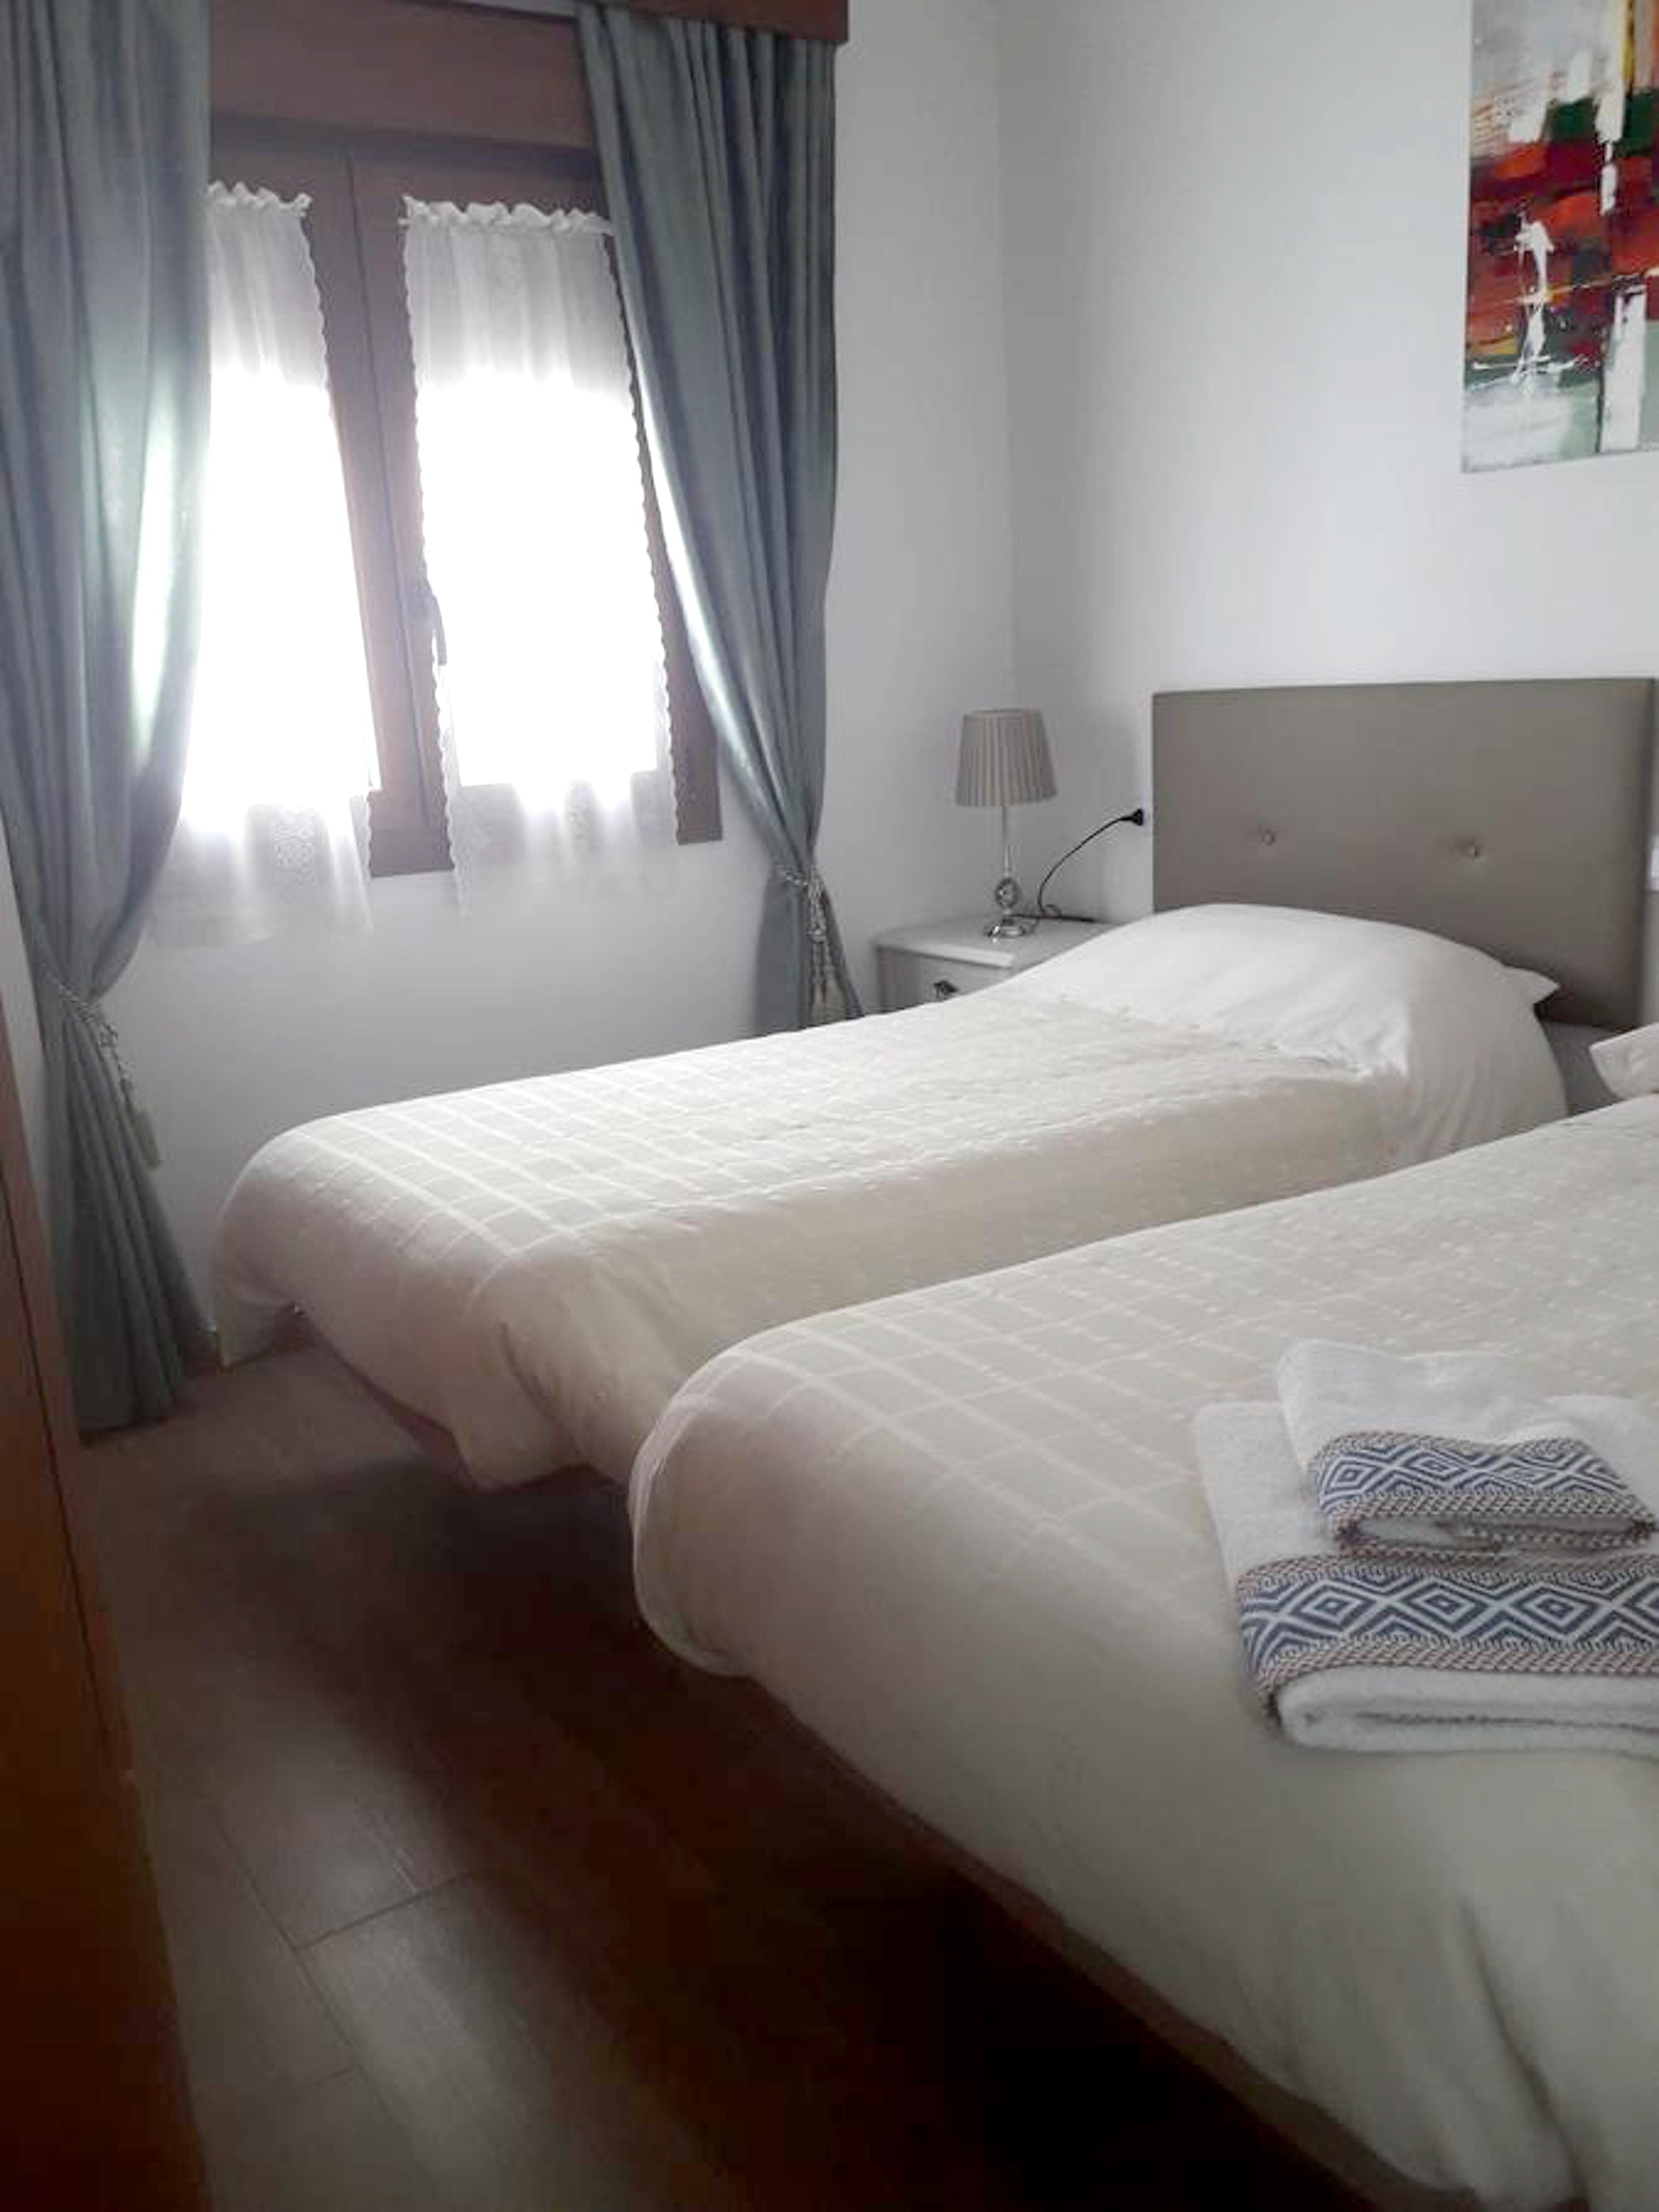 Ferienwohnung Wohnung mit 3 Schlafzimmern in Antequera mit möblierter Terrasse und W-LAN (2706842), Antequera, Malaga, Andalusien, Spanien, Bild 6